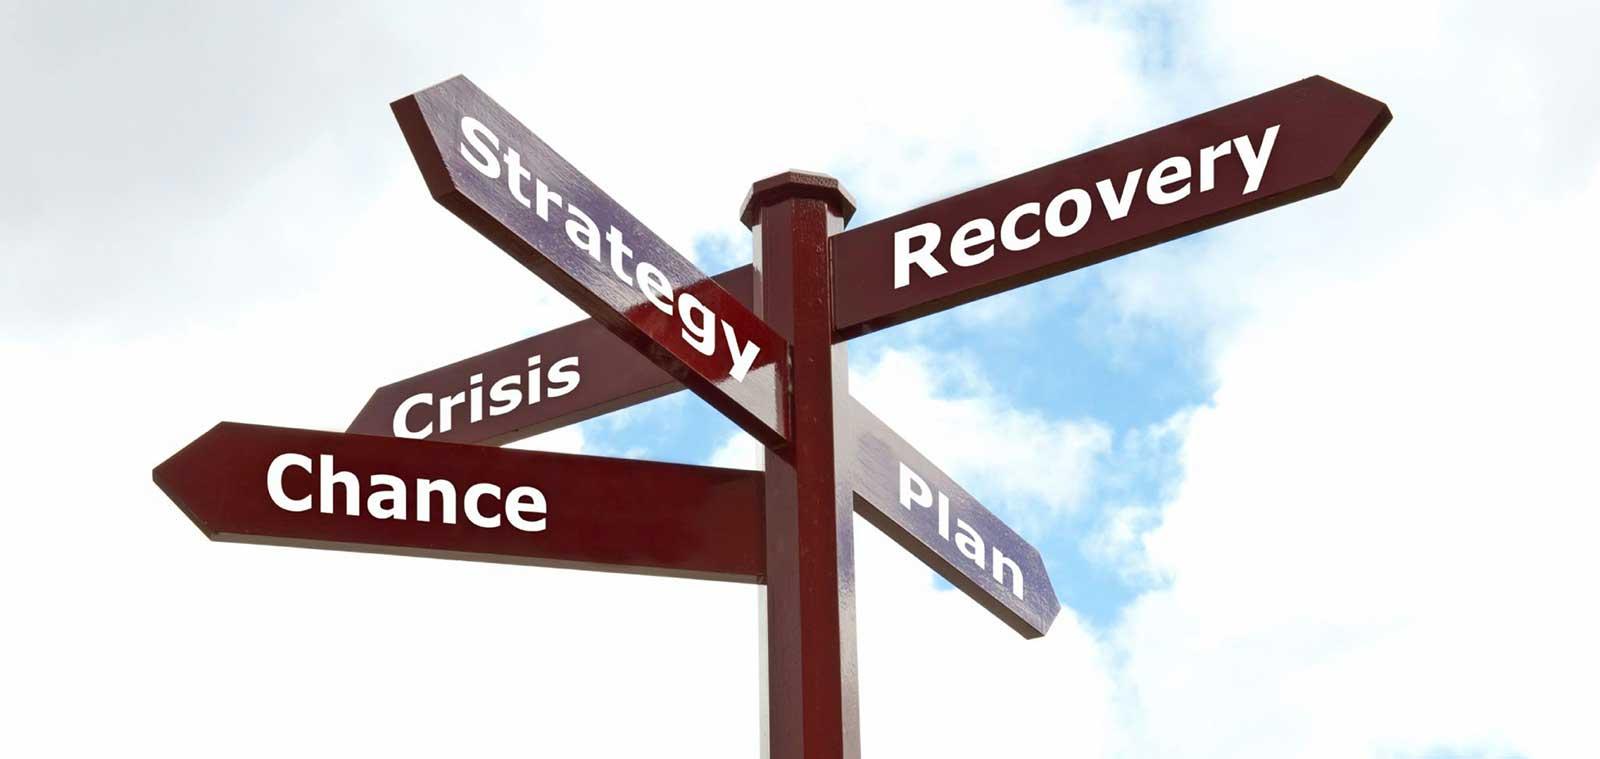 GAT - Gabinete de Apoio Terapêutico - Apoio na Manutenção da Recuperação